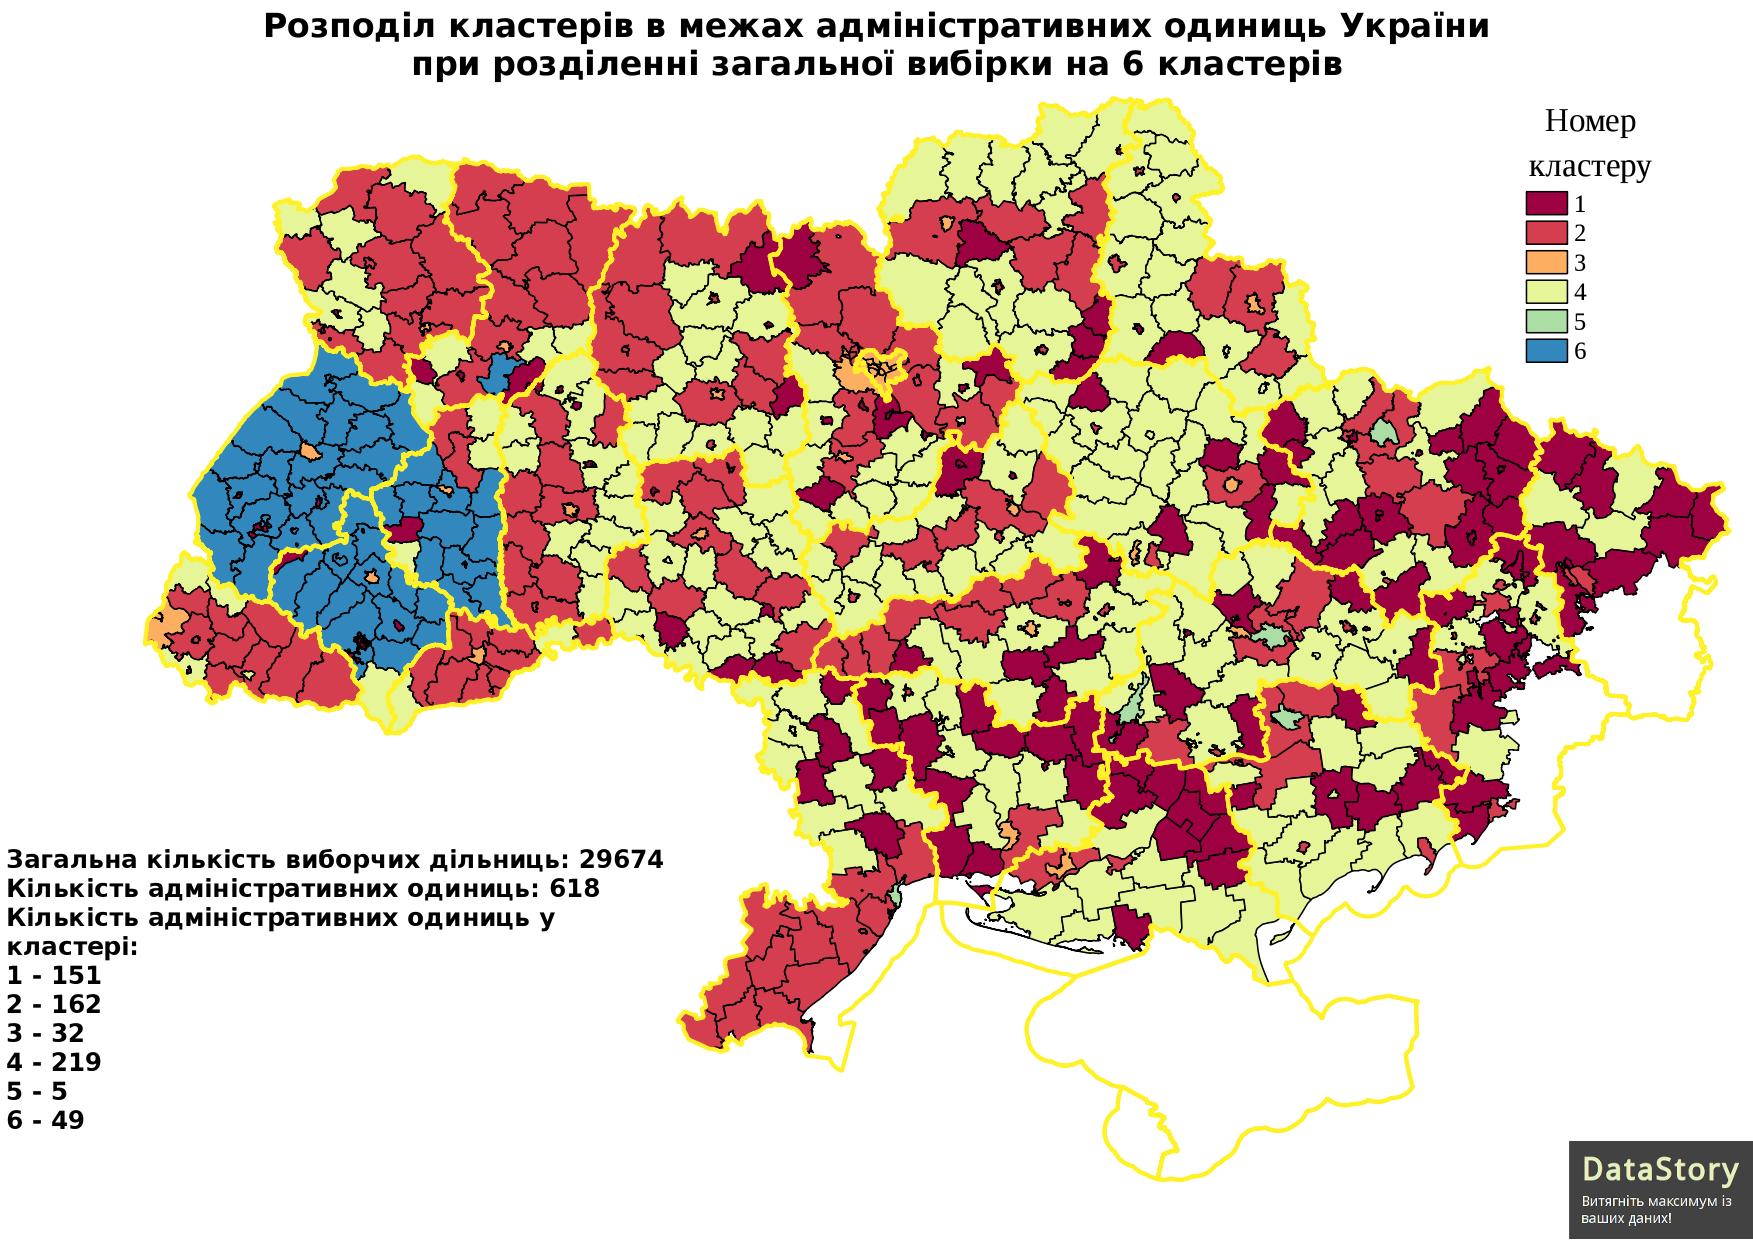 Розподіл кластерів в межах адміністративних одиниць України при розділенні загальної вибірки на 6 кластерів